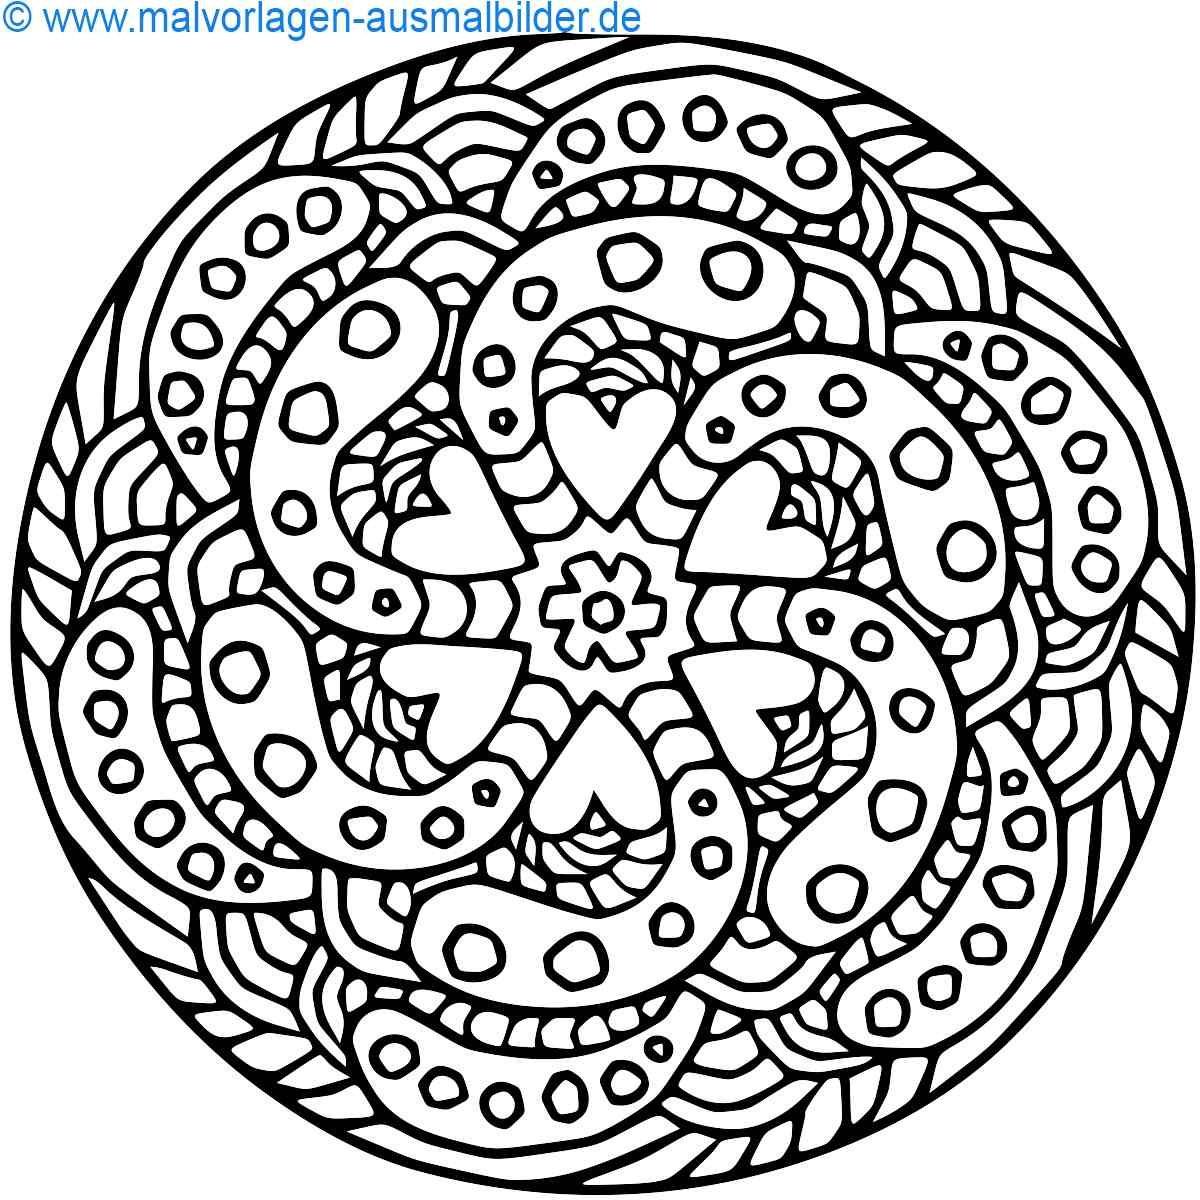 Herz Mandalas Zum Ausmalen Einzigartig Herz Malvorlagen Einfach Herz Mandalas Zum Ausdrucken – Malvorlagen Galerie